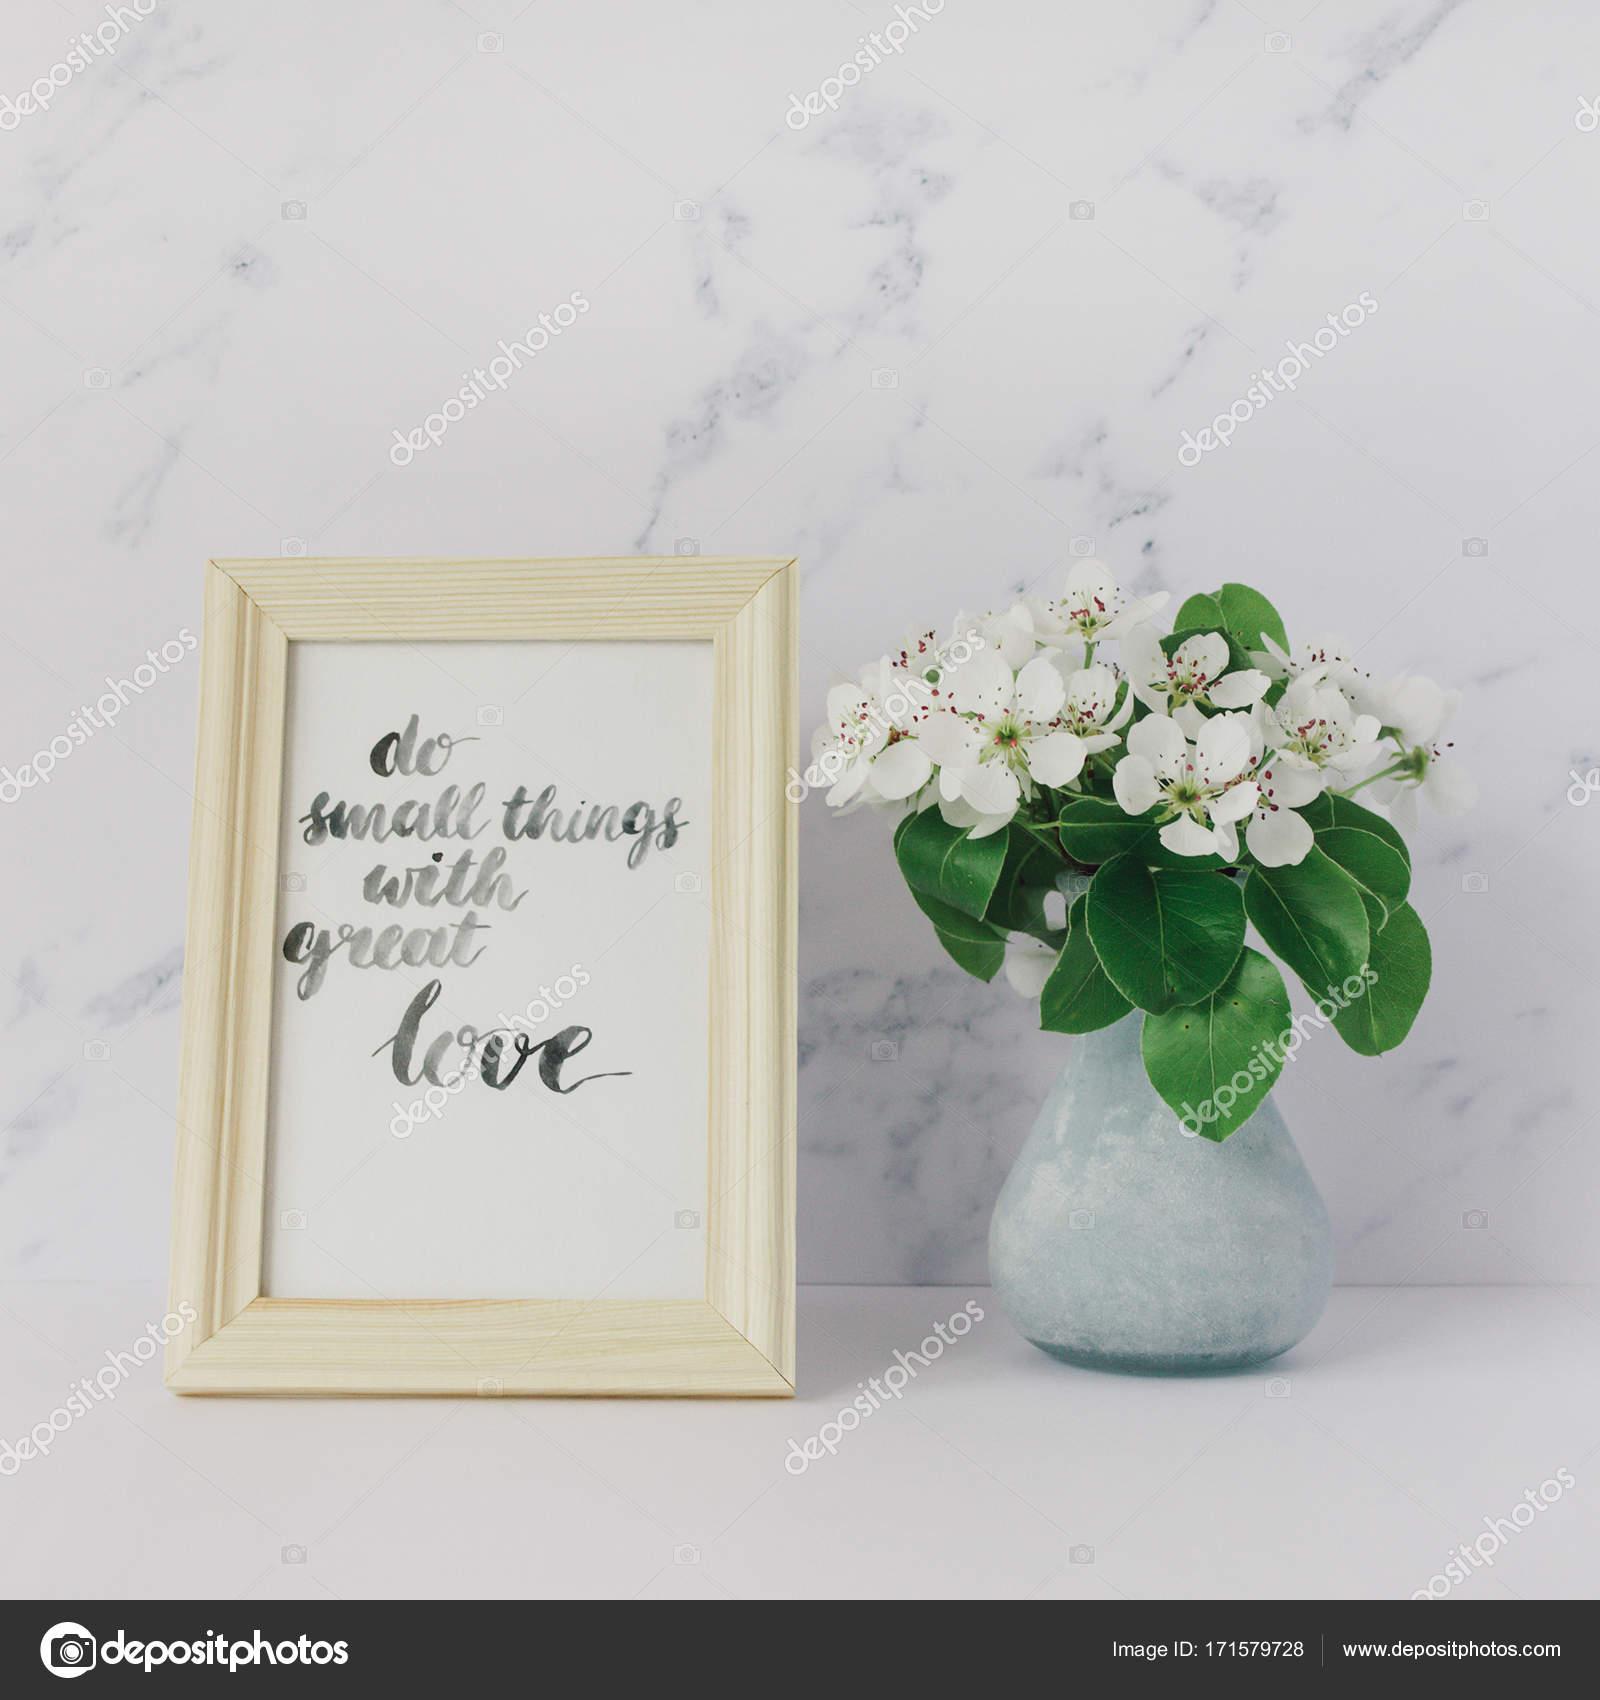 Blumen der Apfelbaum in Vase, Karte mit Inspiration Zitat \